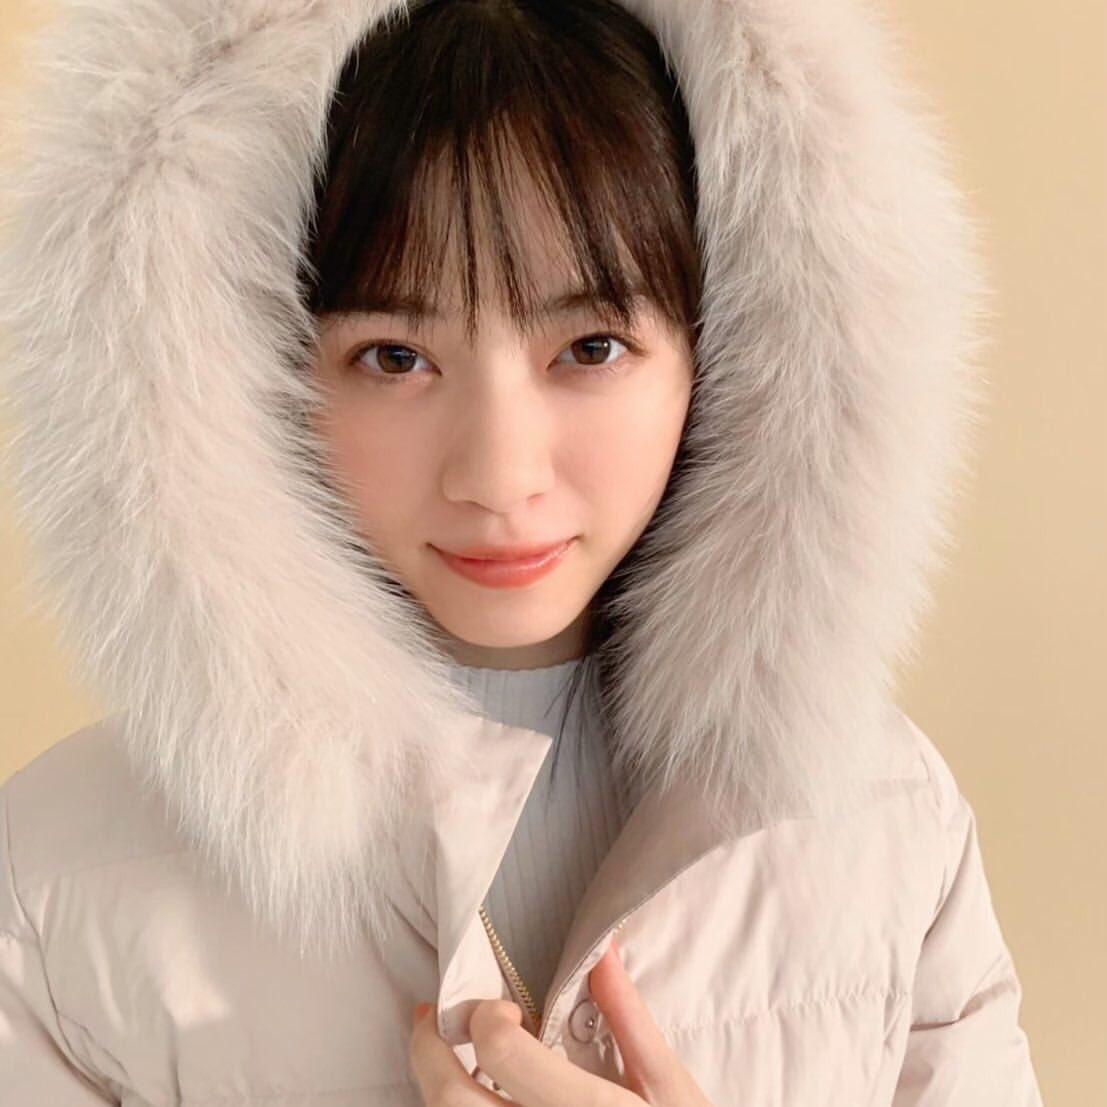 西野七瀬 2019→2020 冬 2 済み